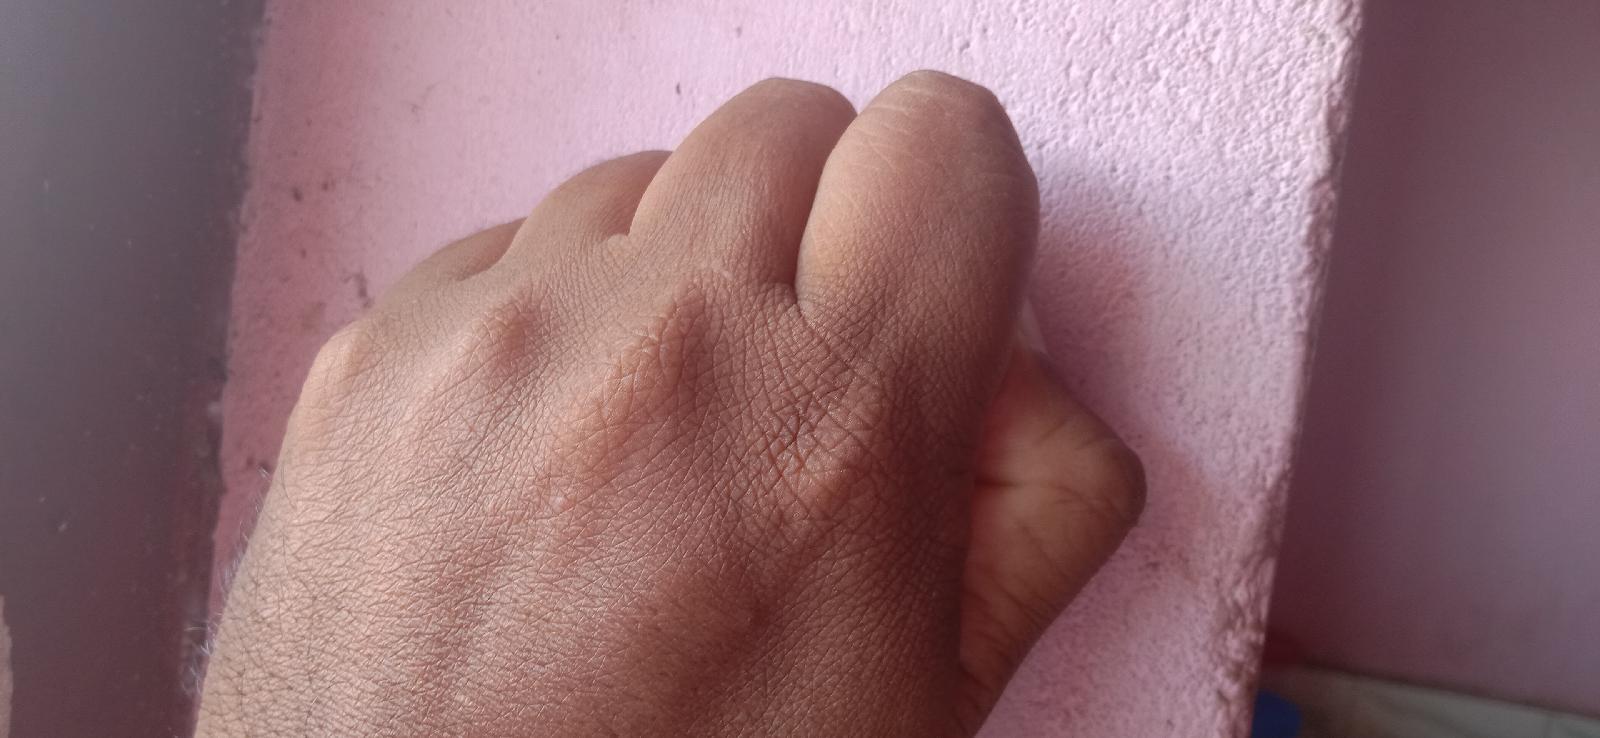 ಬೆಳ್ಳಾರೆಯಲ್ಲಿ ನಡೆದುಕೊಂಡು ಹೋಗುತ್ತಿದ್ದ ಯುವತಿಯ ಎಳೆದೊಯ್ಯಲು ಪರಿಚಿತನಿಂದಲೇ ಯತ್ನ- ಪ್ರಕರಣ ದಾಖಲು